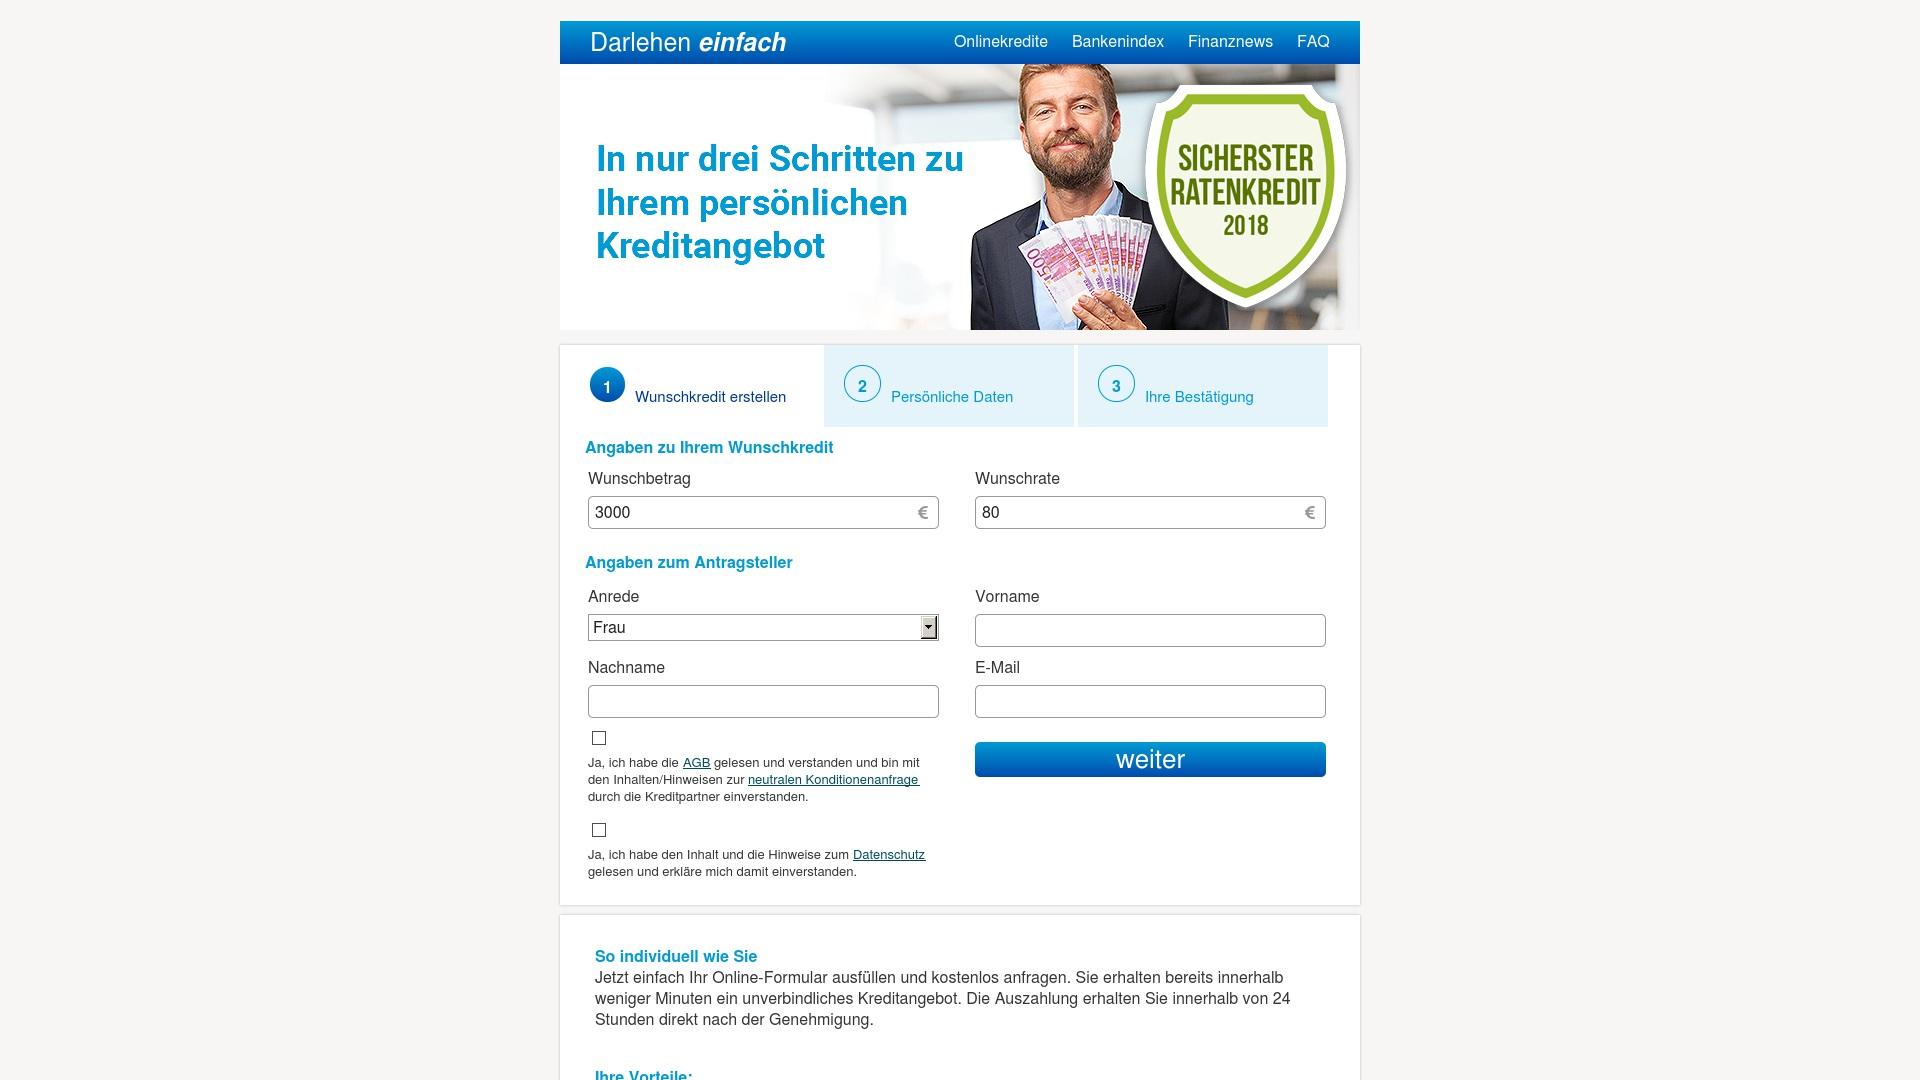 Gutschein für Darlehen-einfach: Rabatte für  Darlehen-einfach sichern